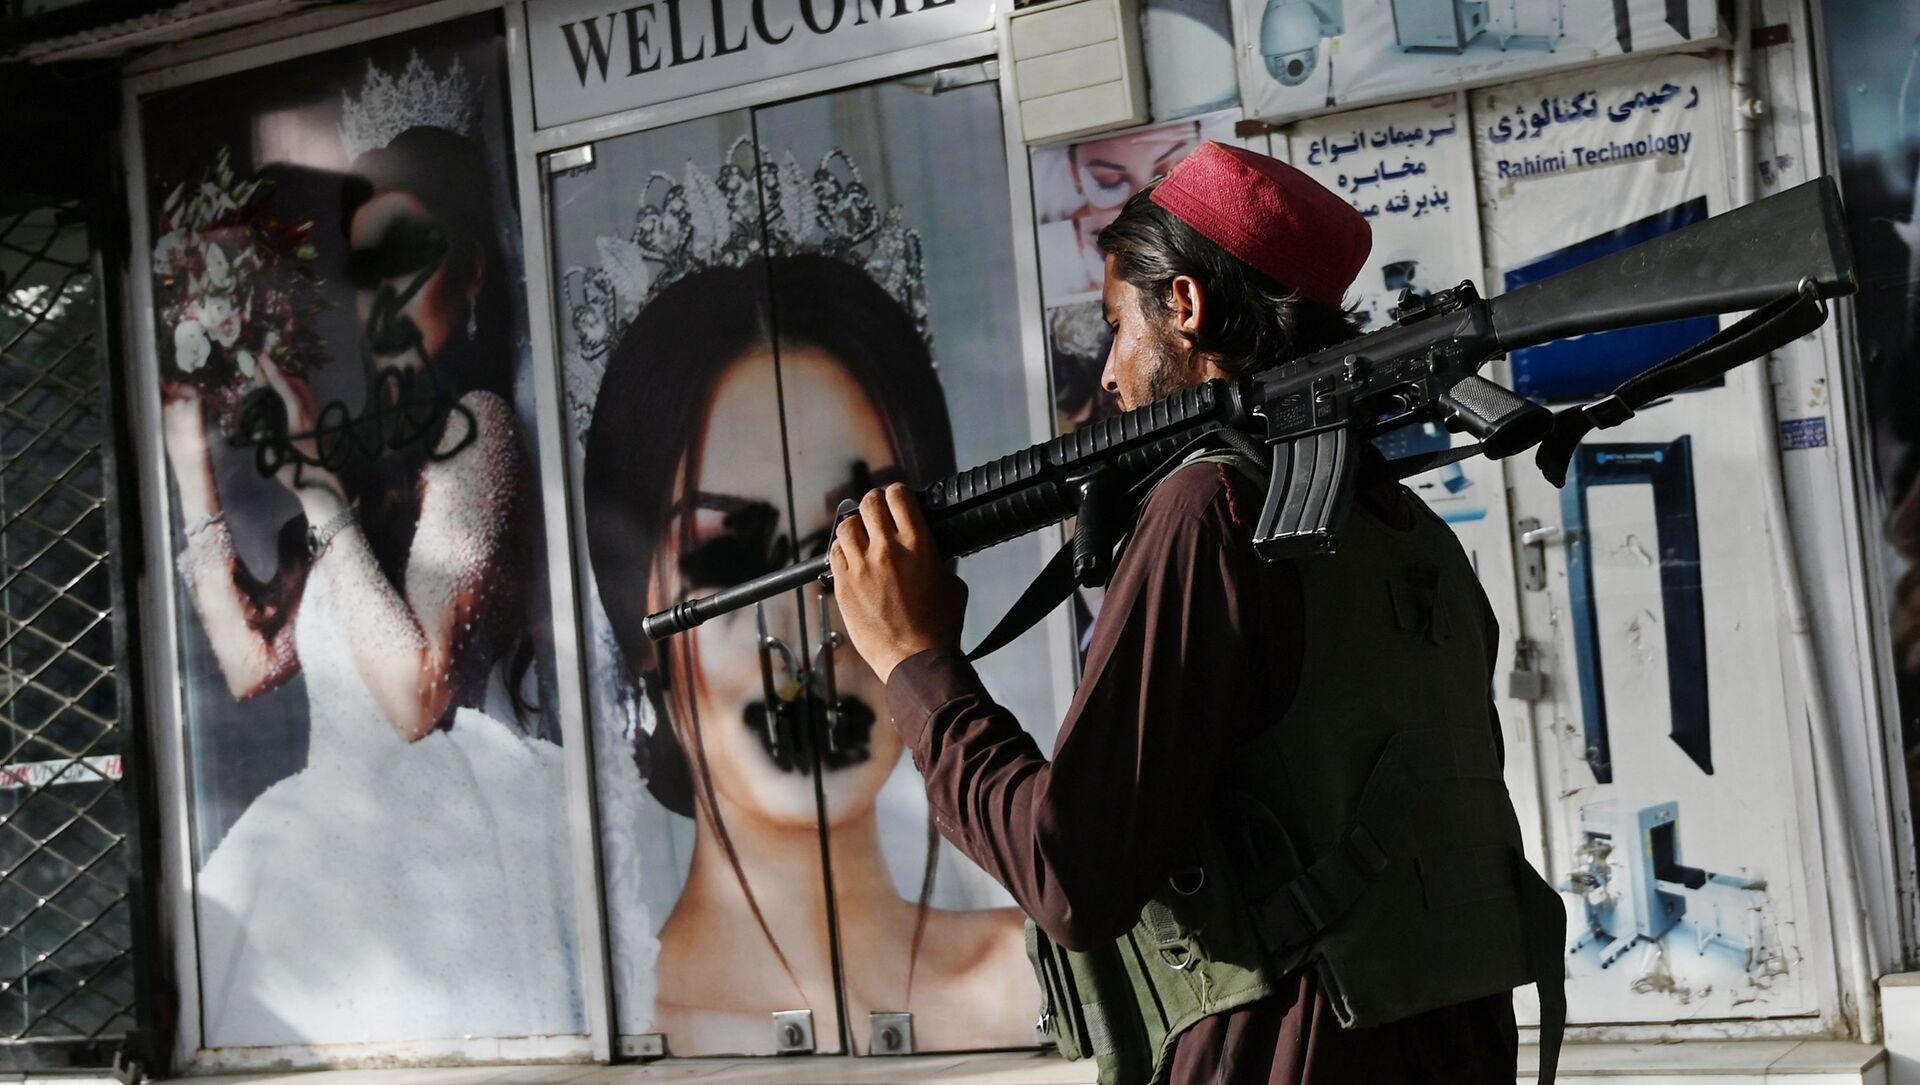 Боевик Талибана* у салона красоты с изображениями женщин, испачканных аэрозольной краской, в Шахр-э Нау в Кабуле - Sputnik Азербайджан, 1920, 22.08.2021